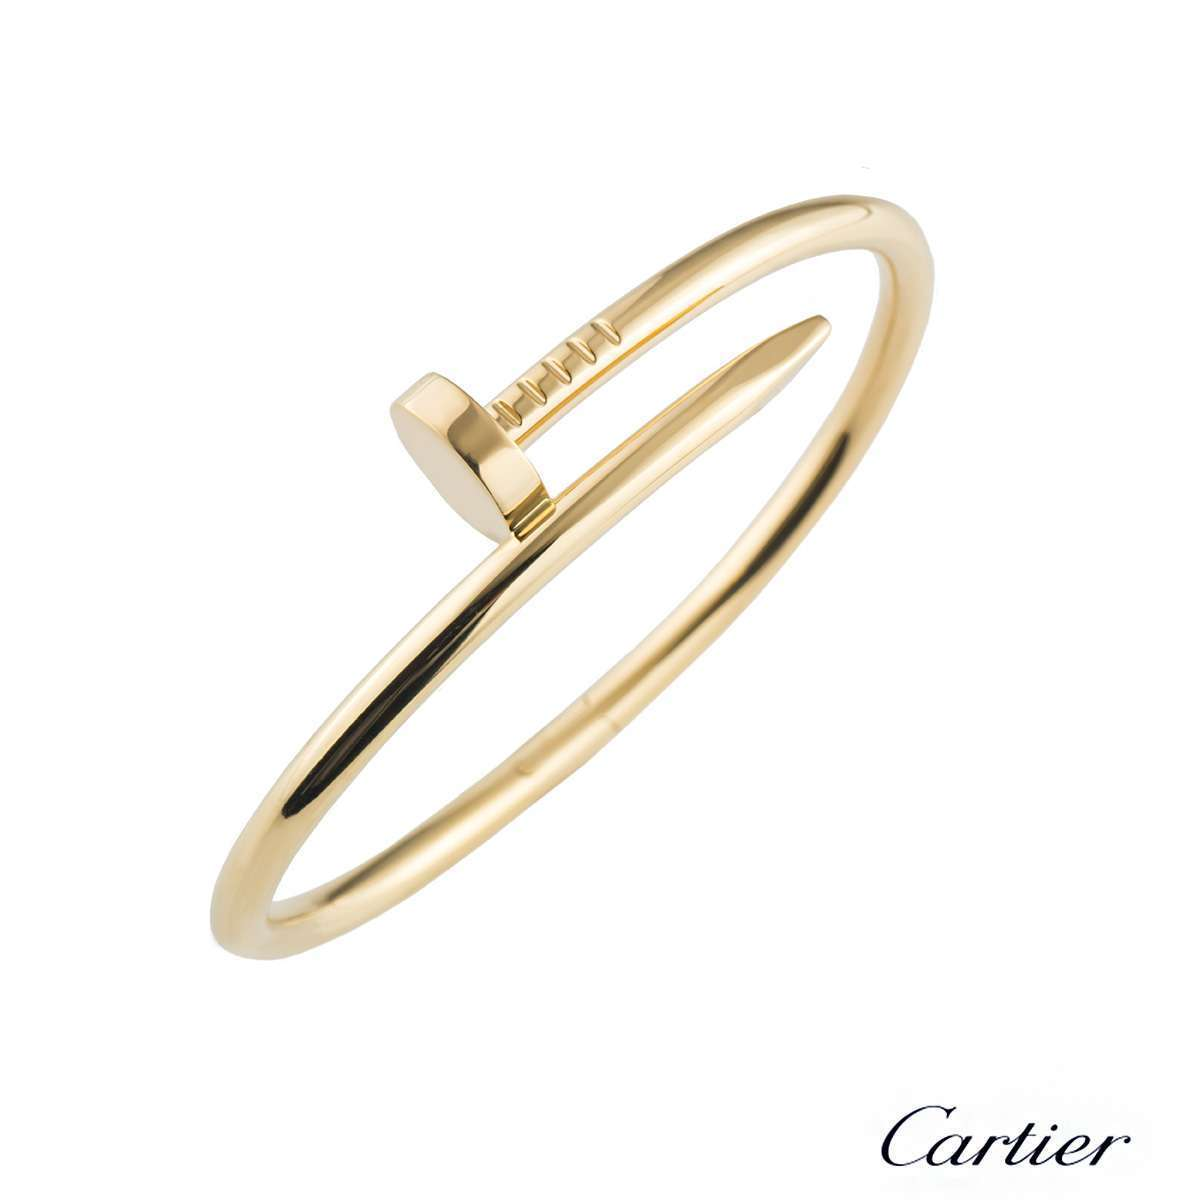 Cartier Yellow Gold Plain Juste Un Clou Bracelet Size 18 B6048218